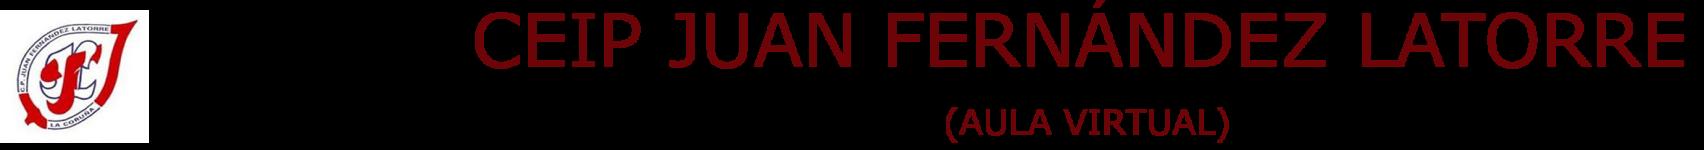 Logotipo de AV CEIP Juan Fernández Latorre